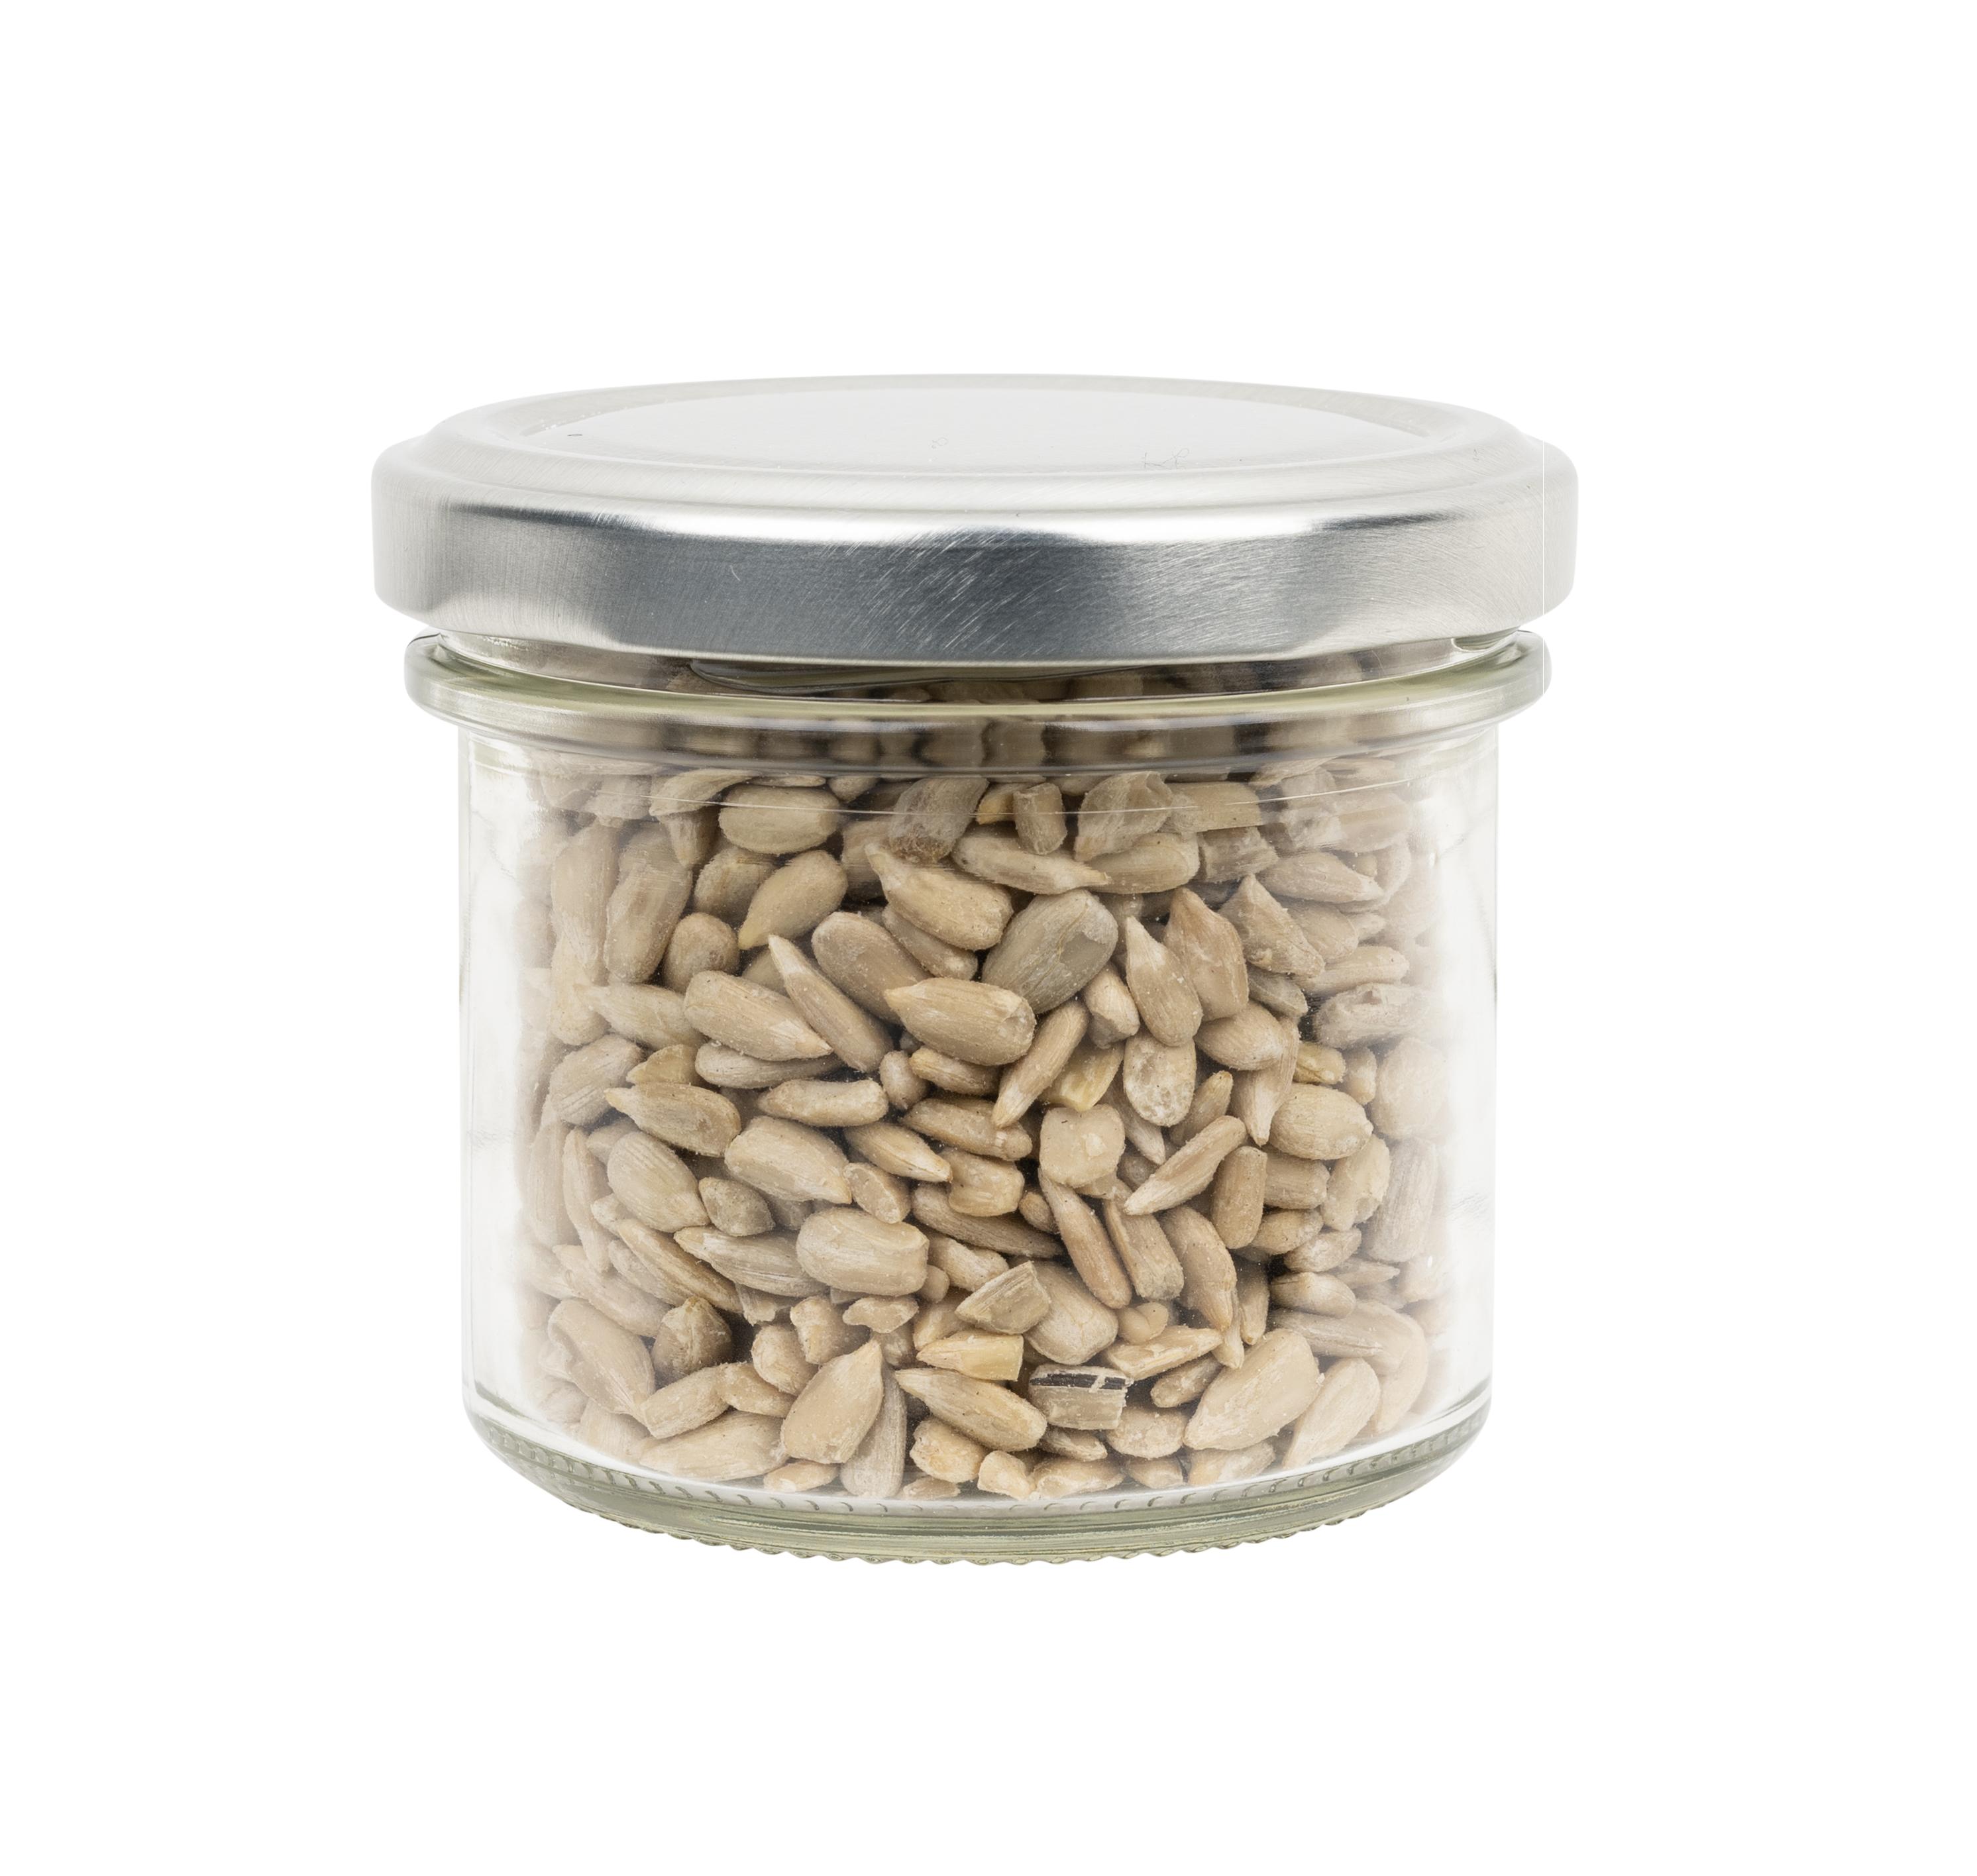 Sunflower-Seeds-in-jar